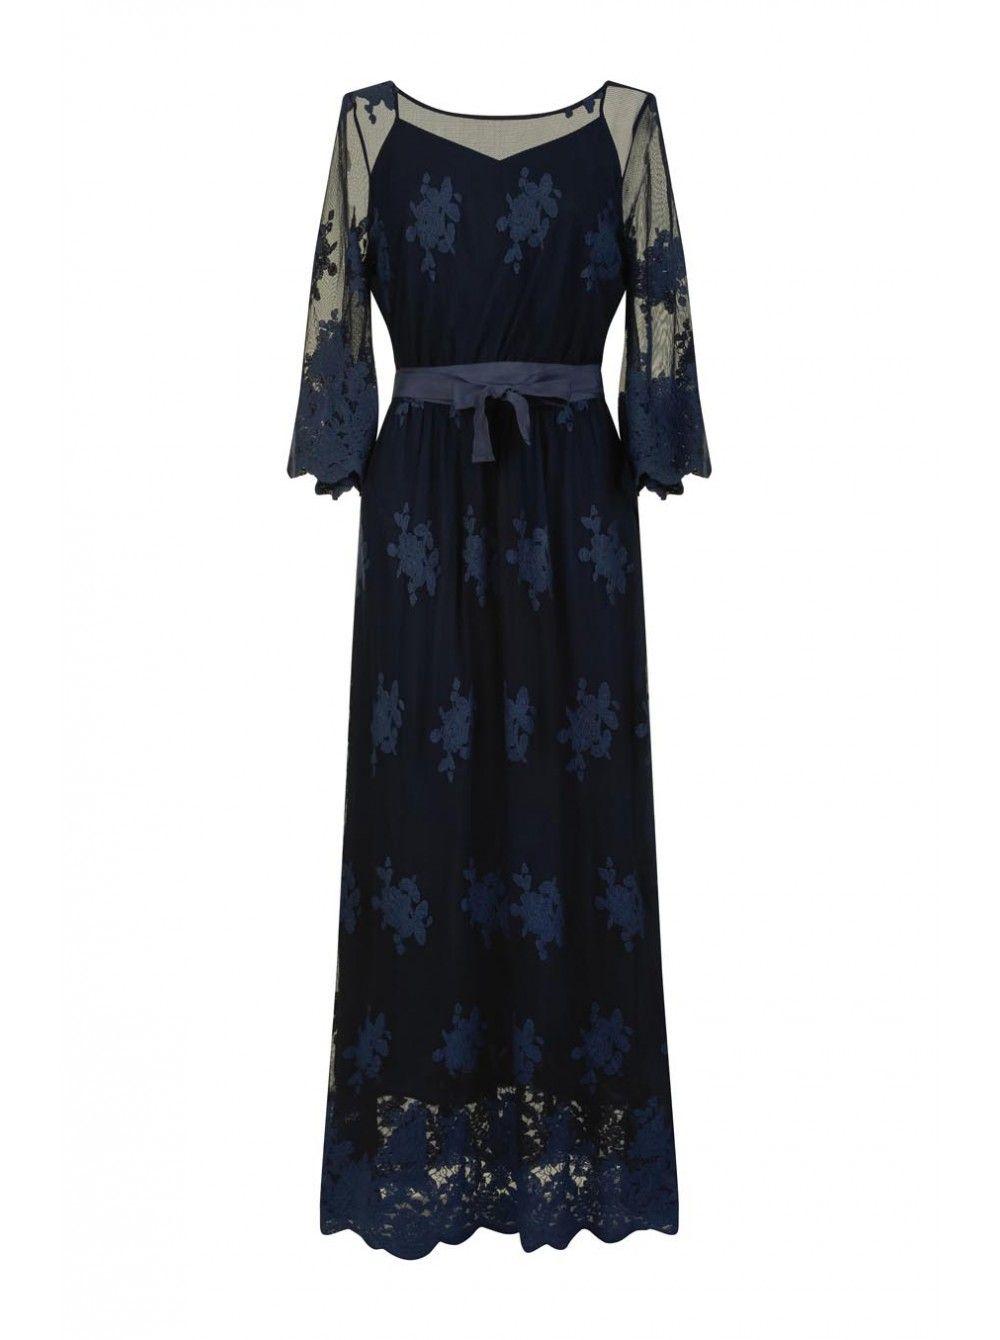 38234bb8067 Robe longues en dentelle BLEU MARINE - Robes Femme - NAF NAF